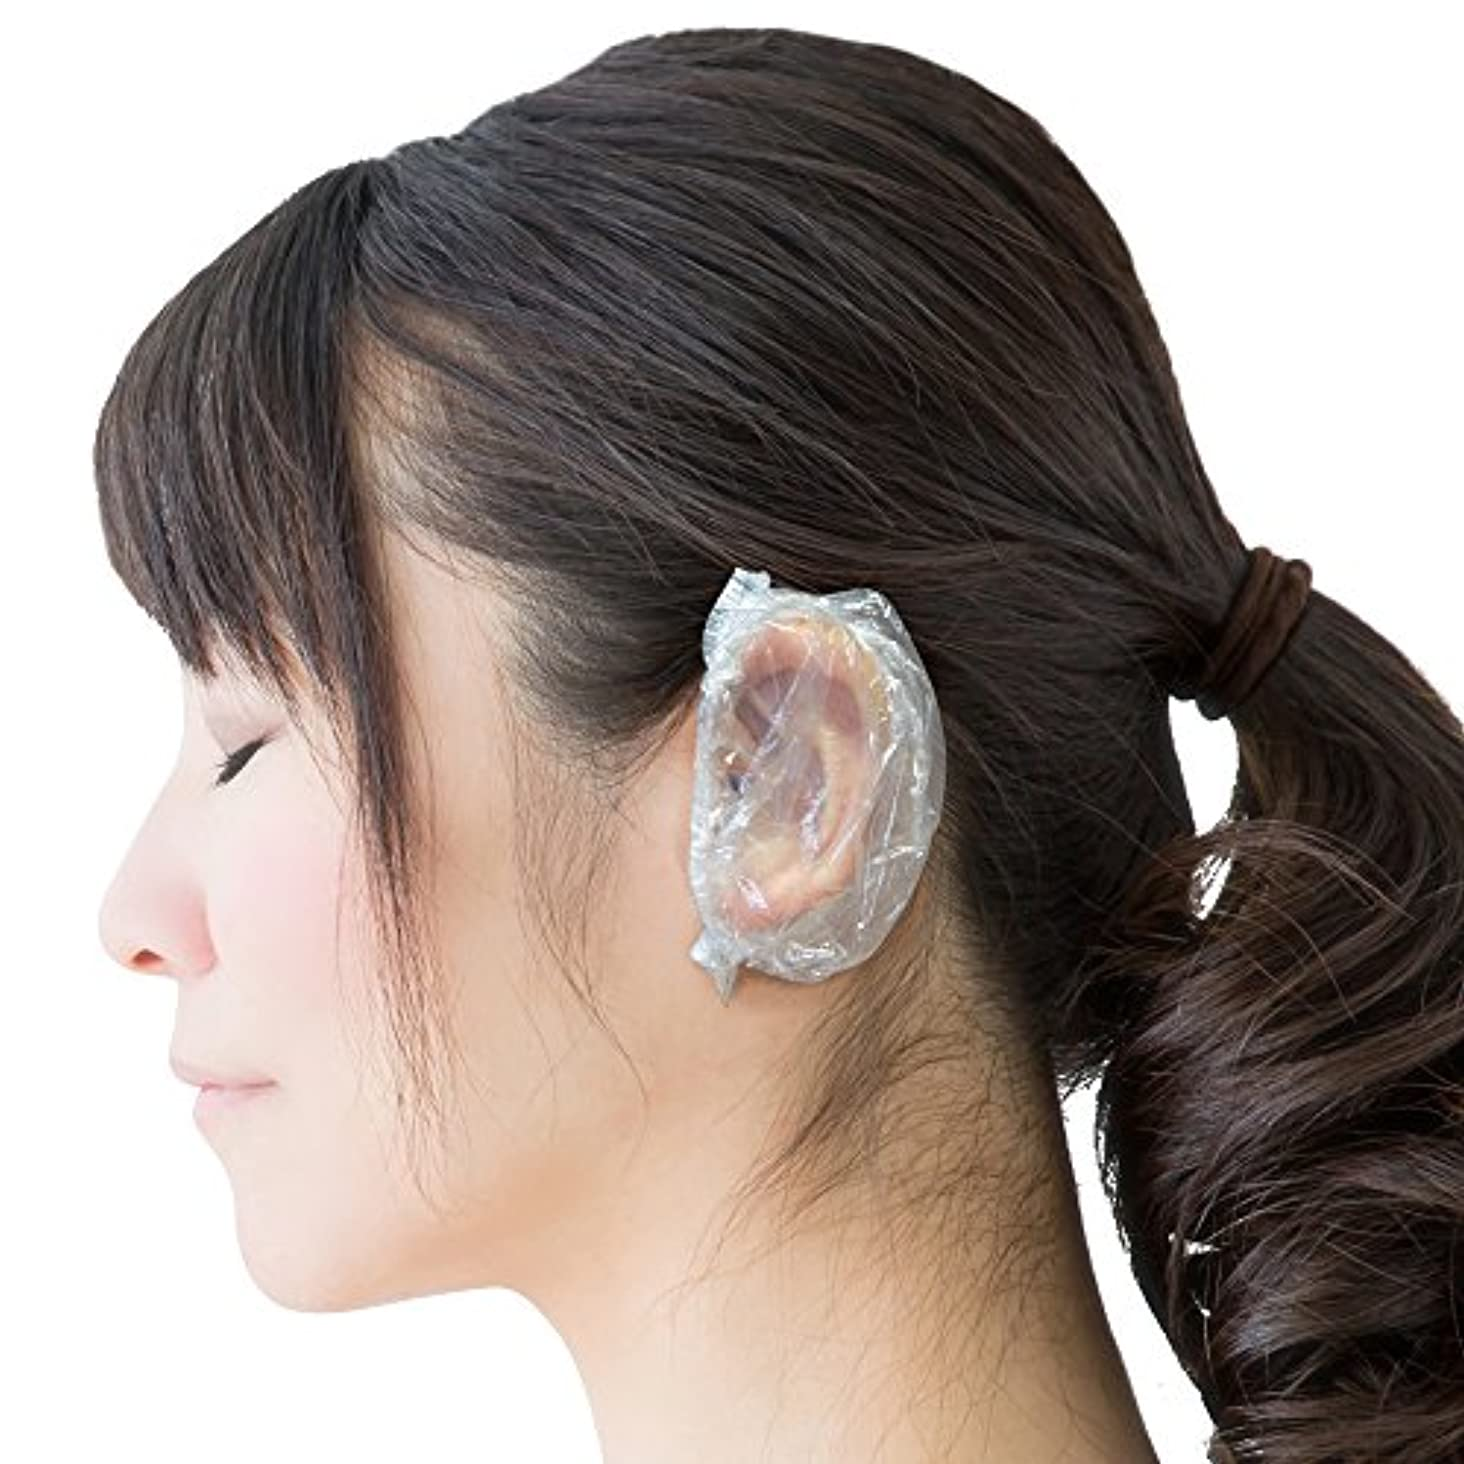 地殻機構広く【Fiveten】 耳キャップ イヤーキャップ 耳カバー 毛染め 使い捨て 100個